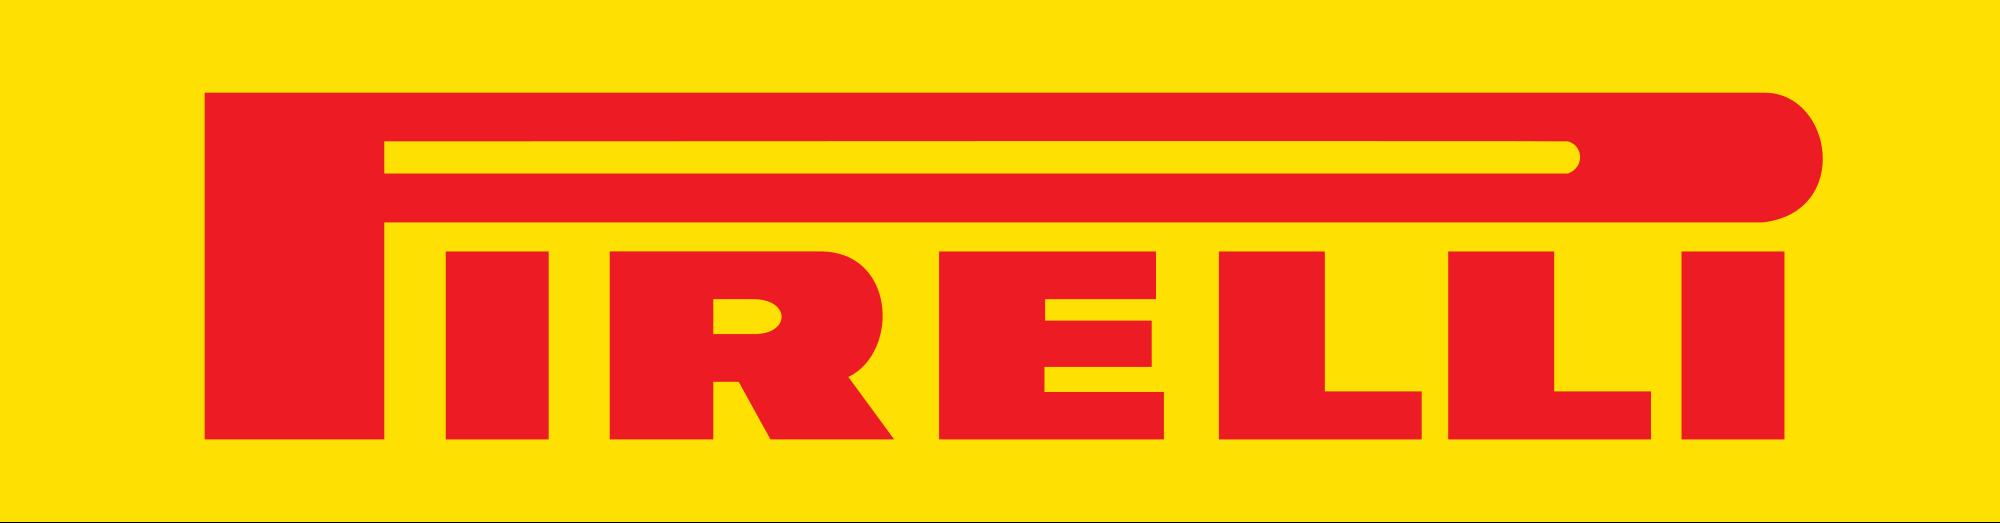 [Imagen: Pirelli-1.png]